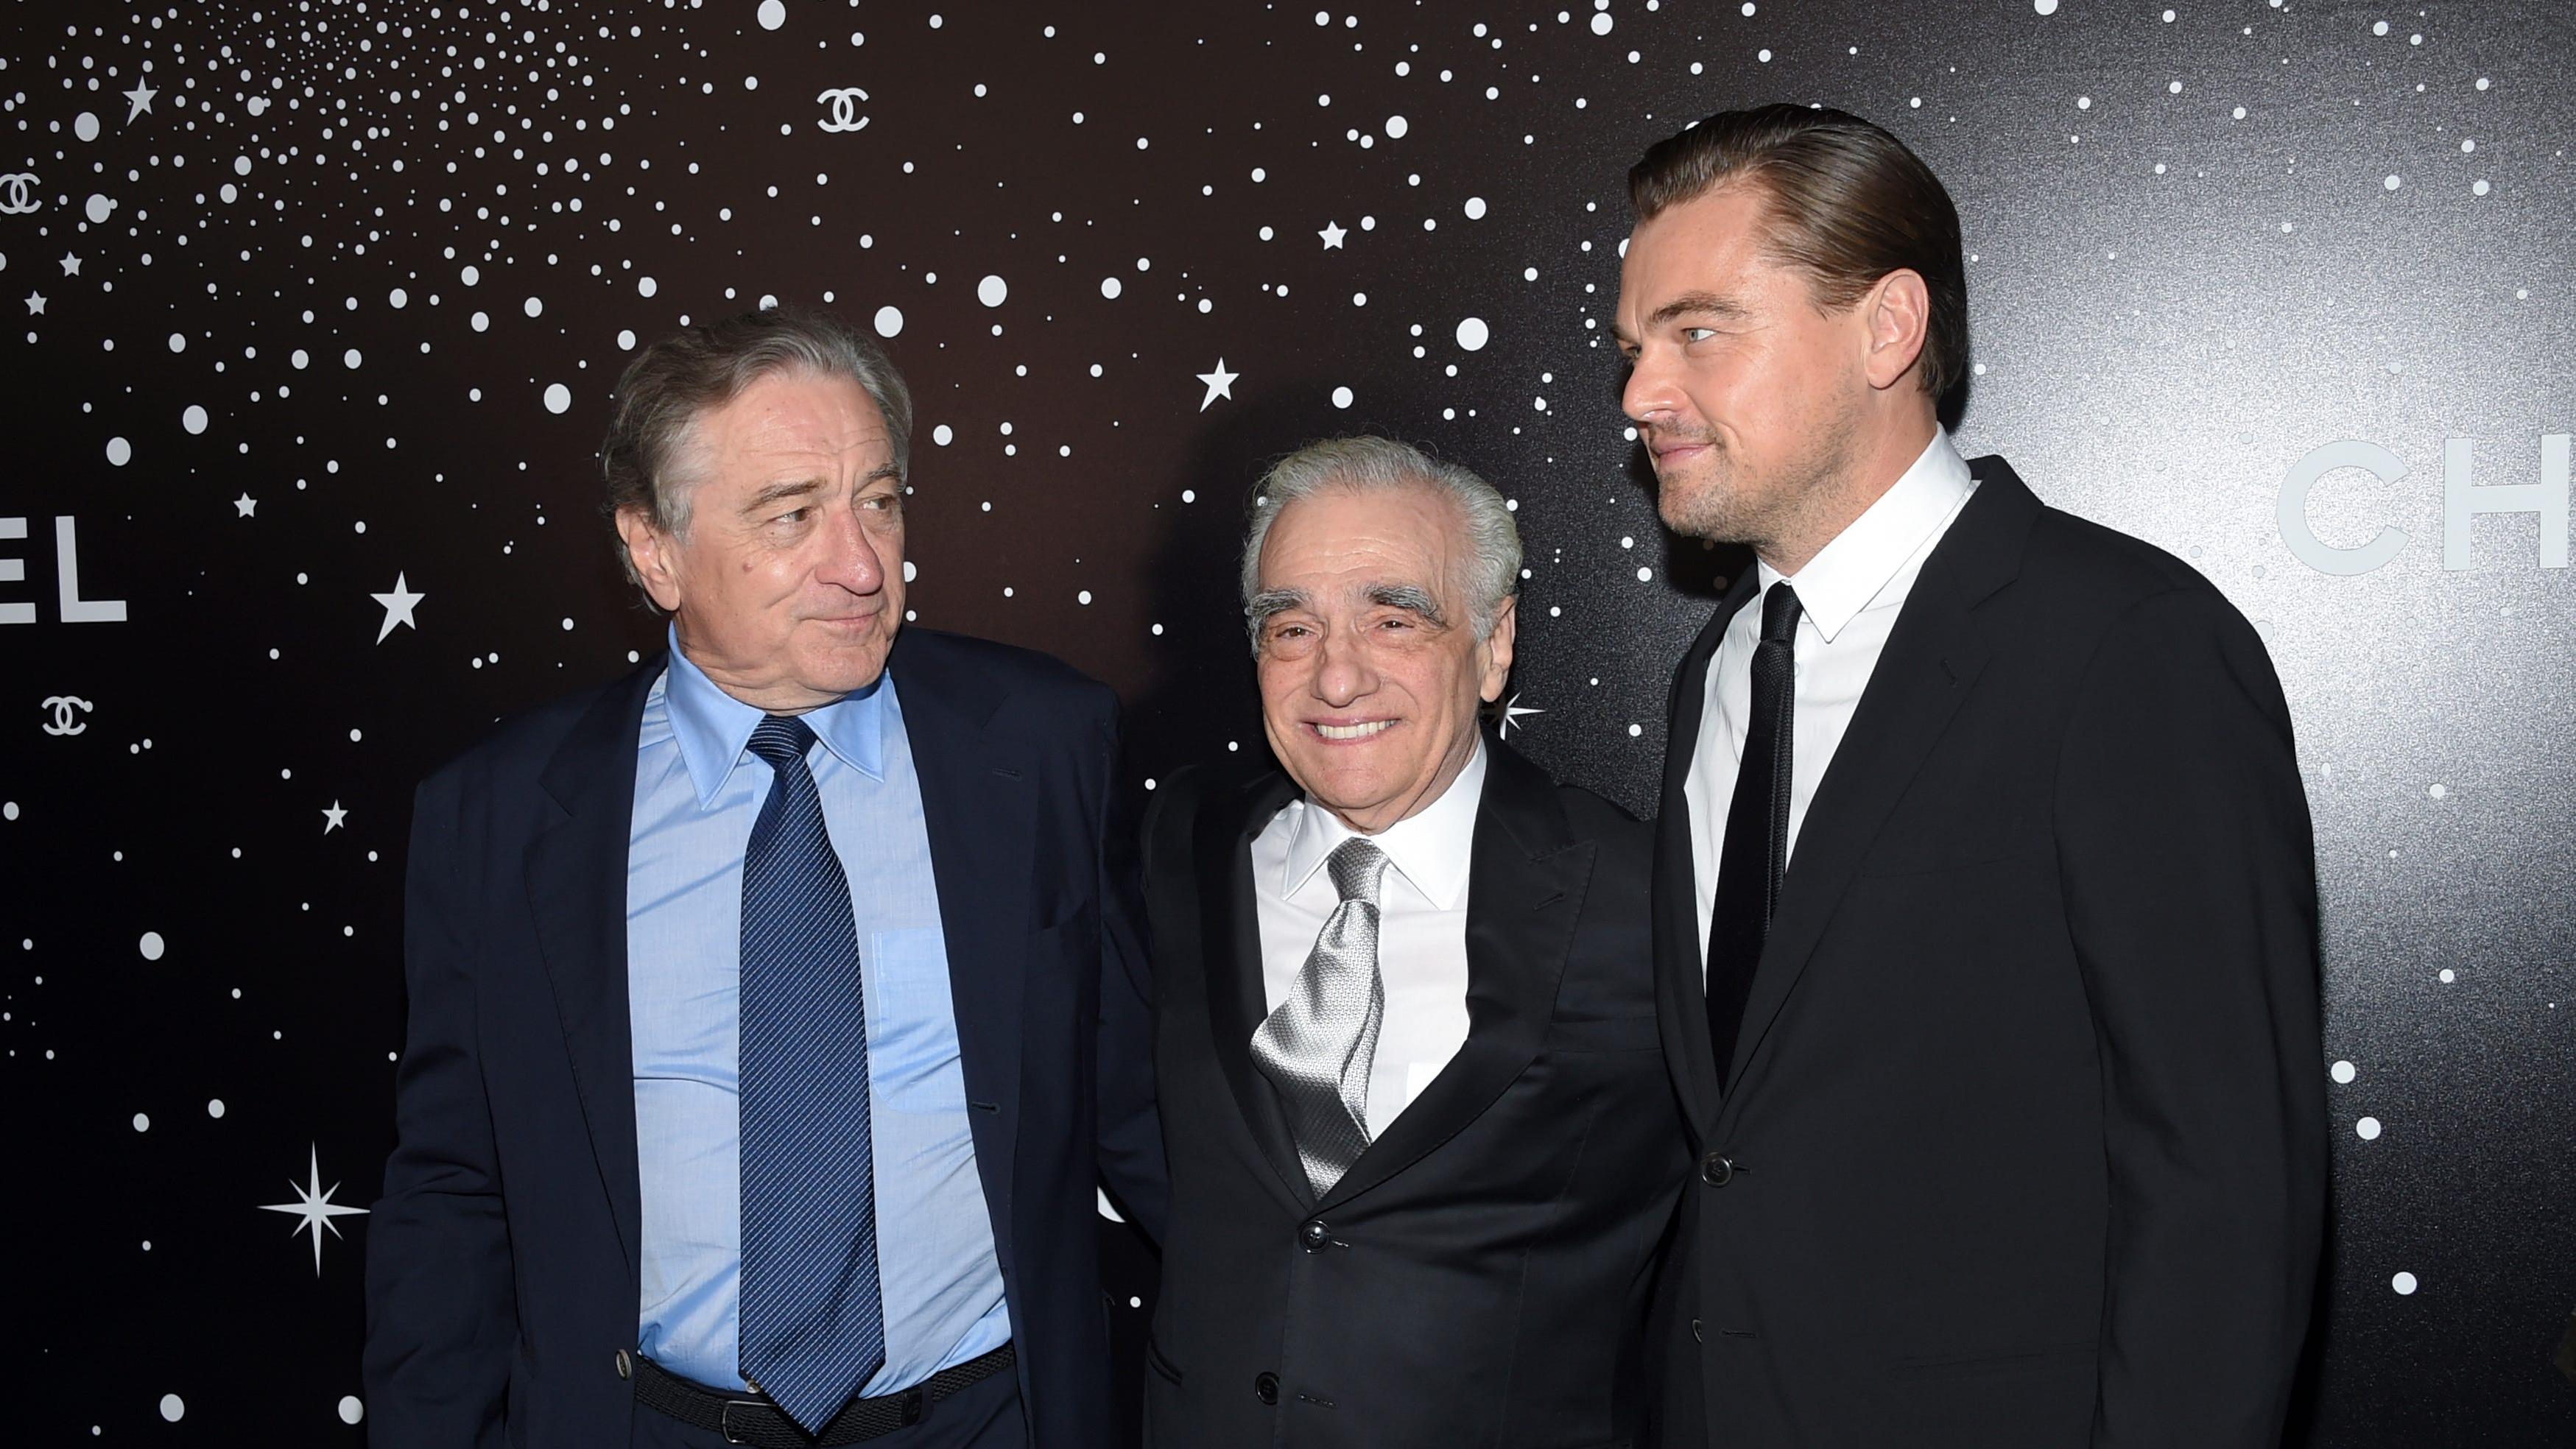 De Niro, DiCaprio board Martin Scorsese's Killers of the Flower Moon